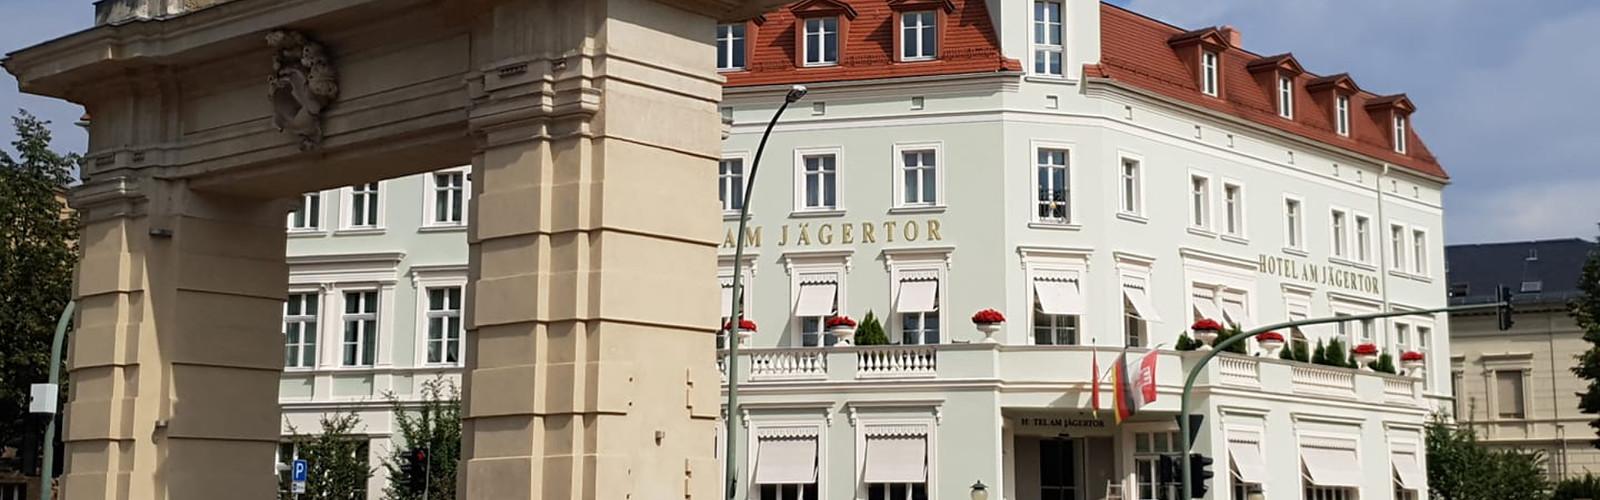 Exterior view Hotel Am Jägertor (c) Hotel Am Jägertor